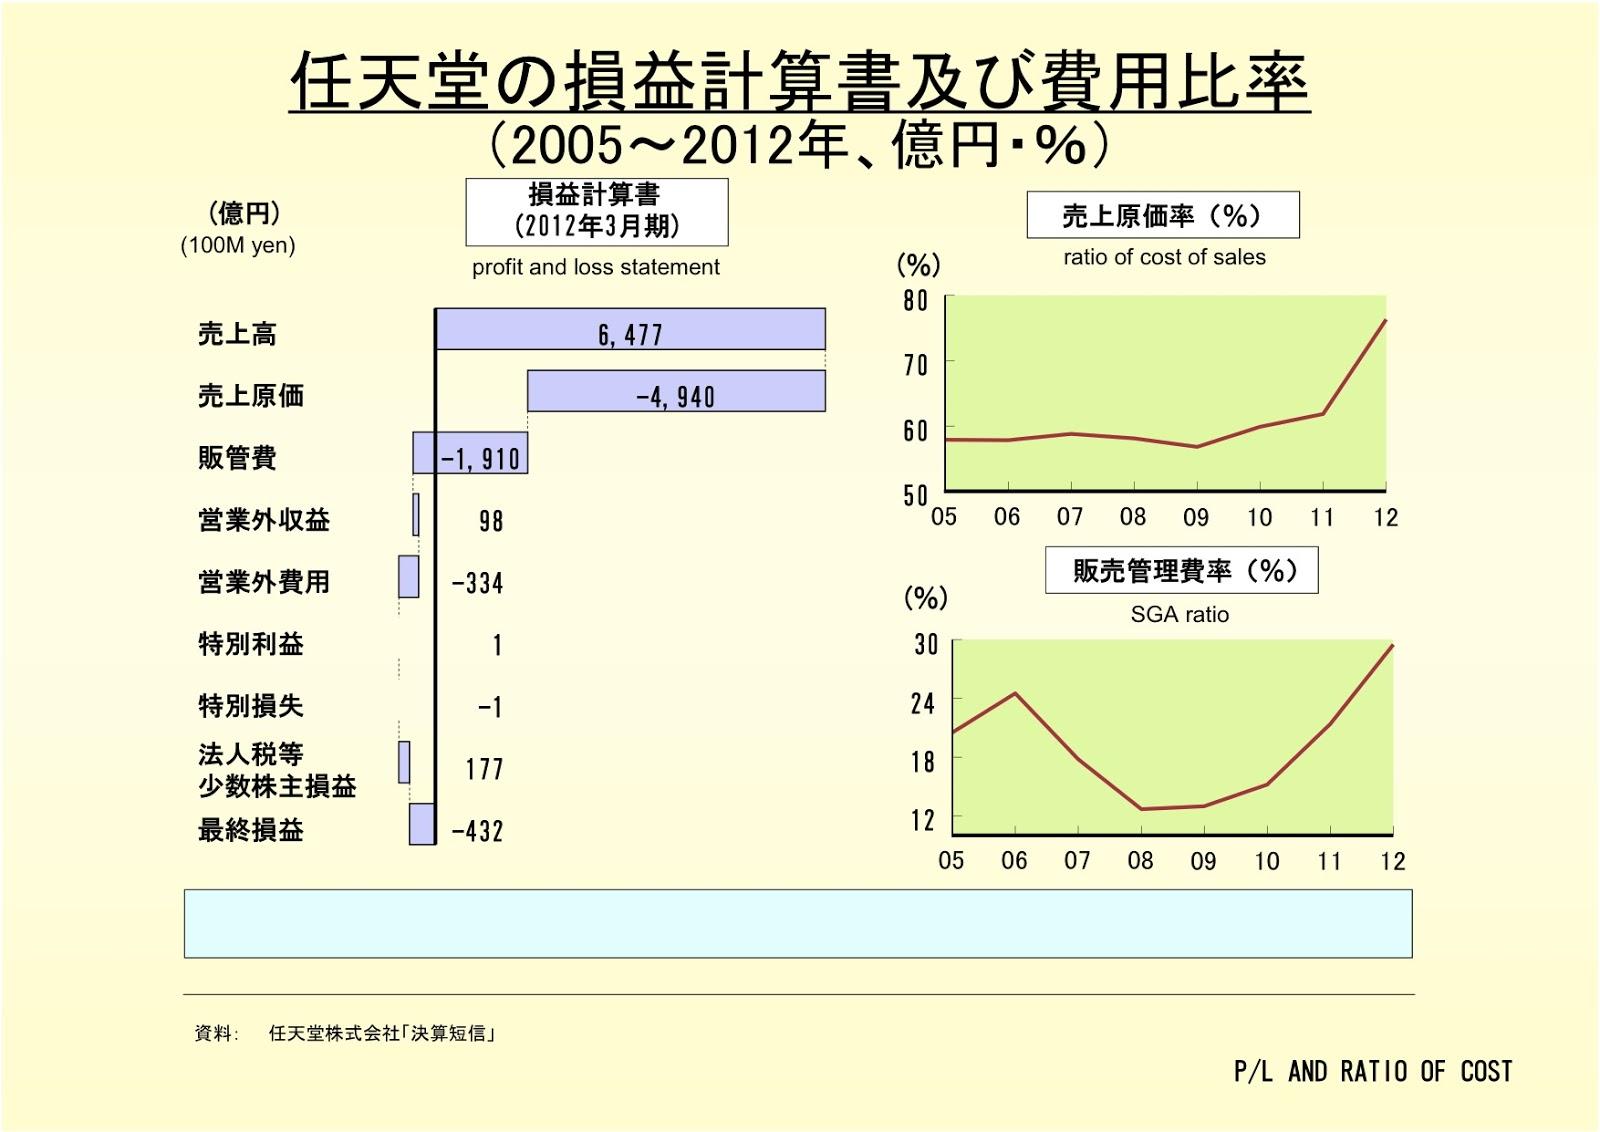 任天堂株式会社の損益計算書及び費用比率